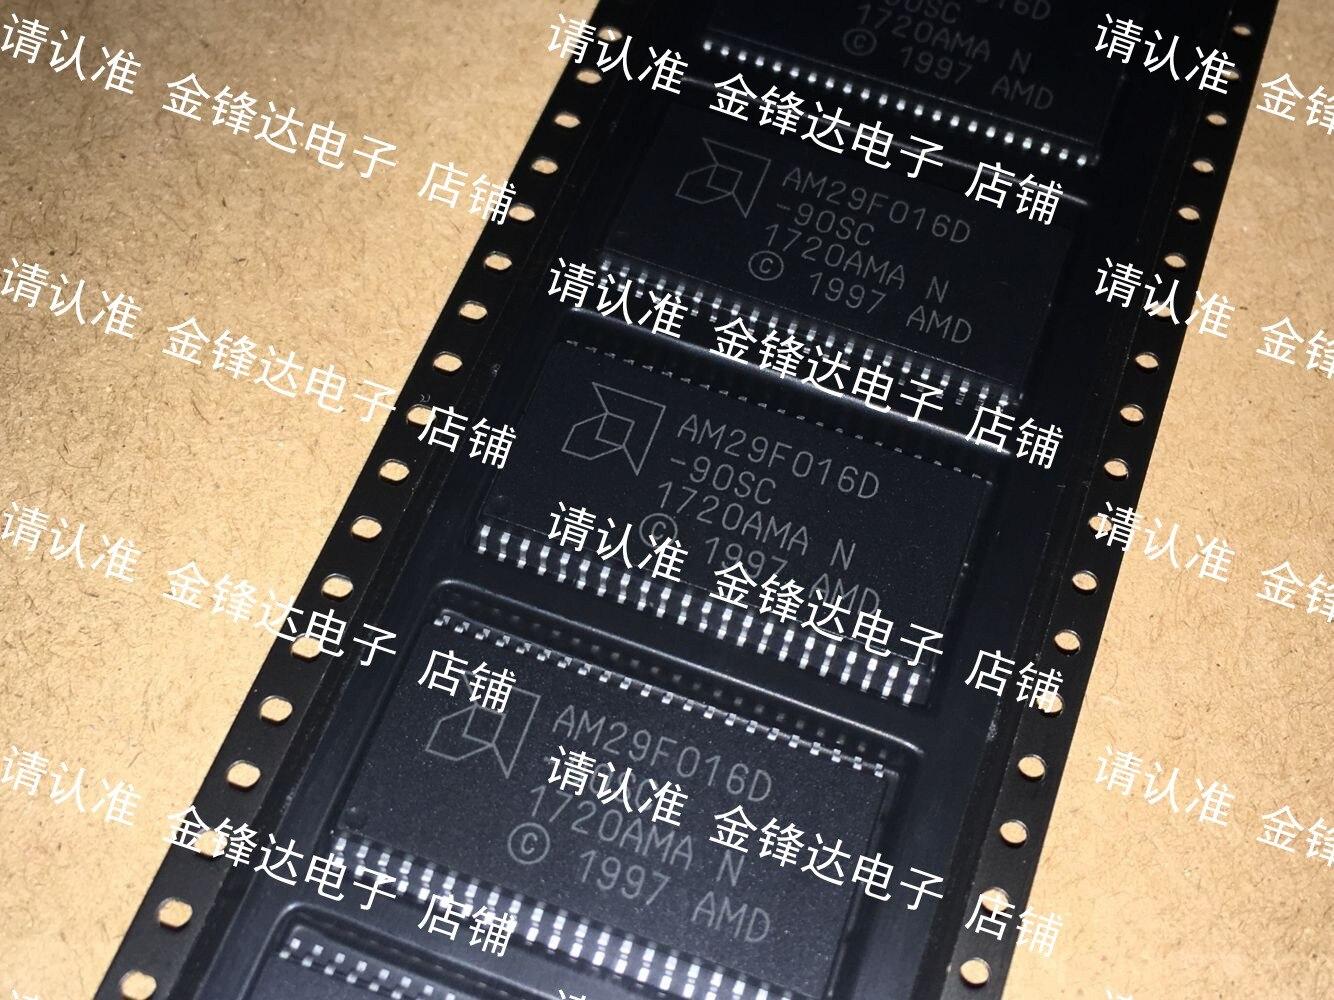 AM29F016D-90SF / D-70SF / B-90SC / D-70SI / D-90SC